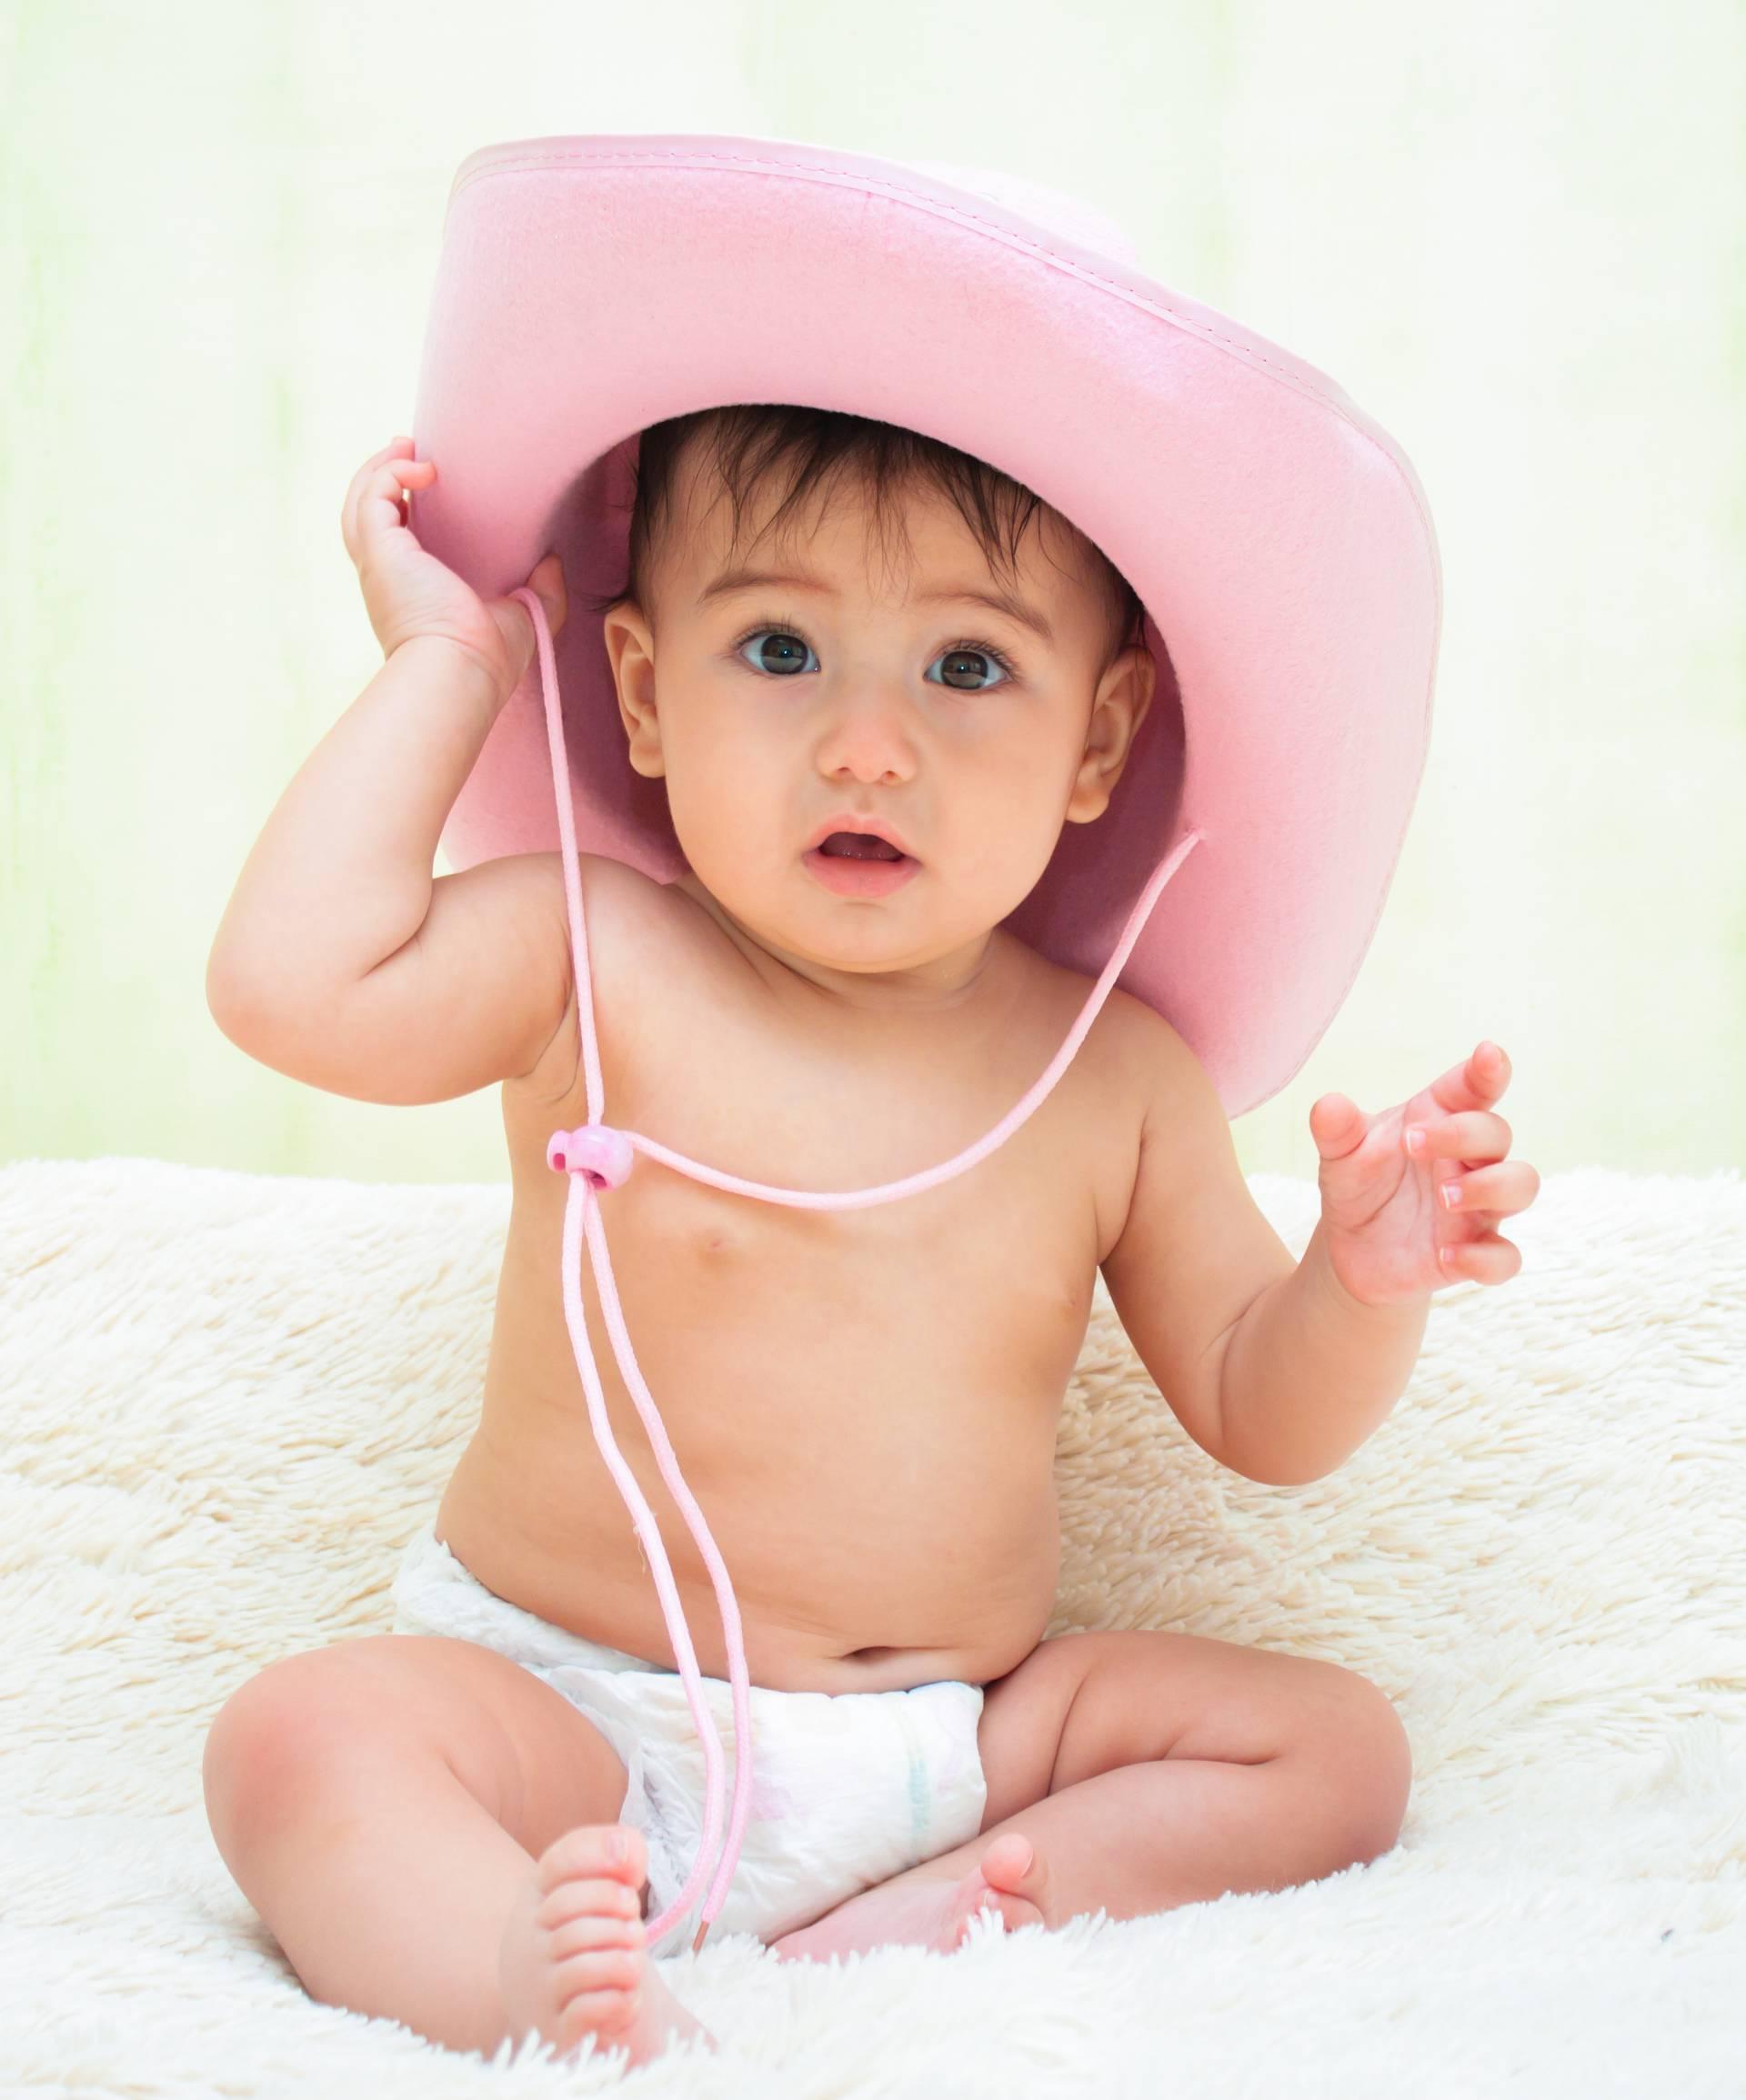 Napredak: Preživljava sve više ekstremno rano rođenih beba